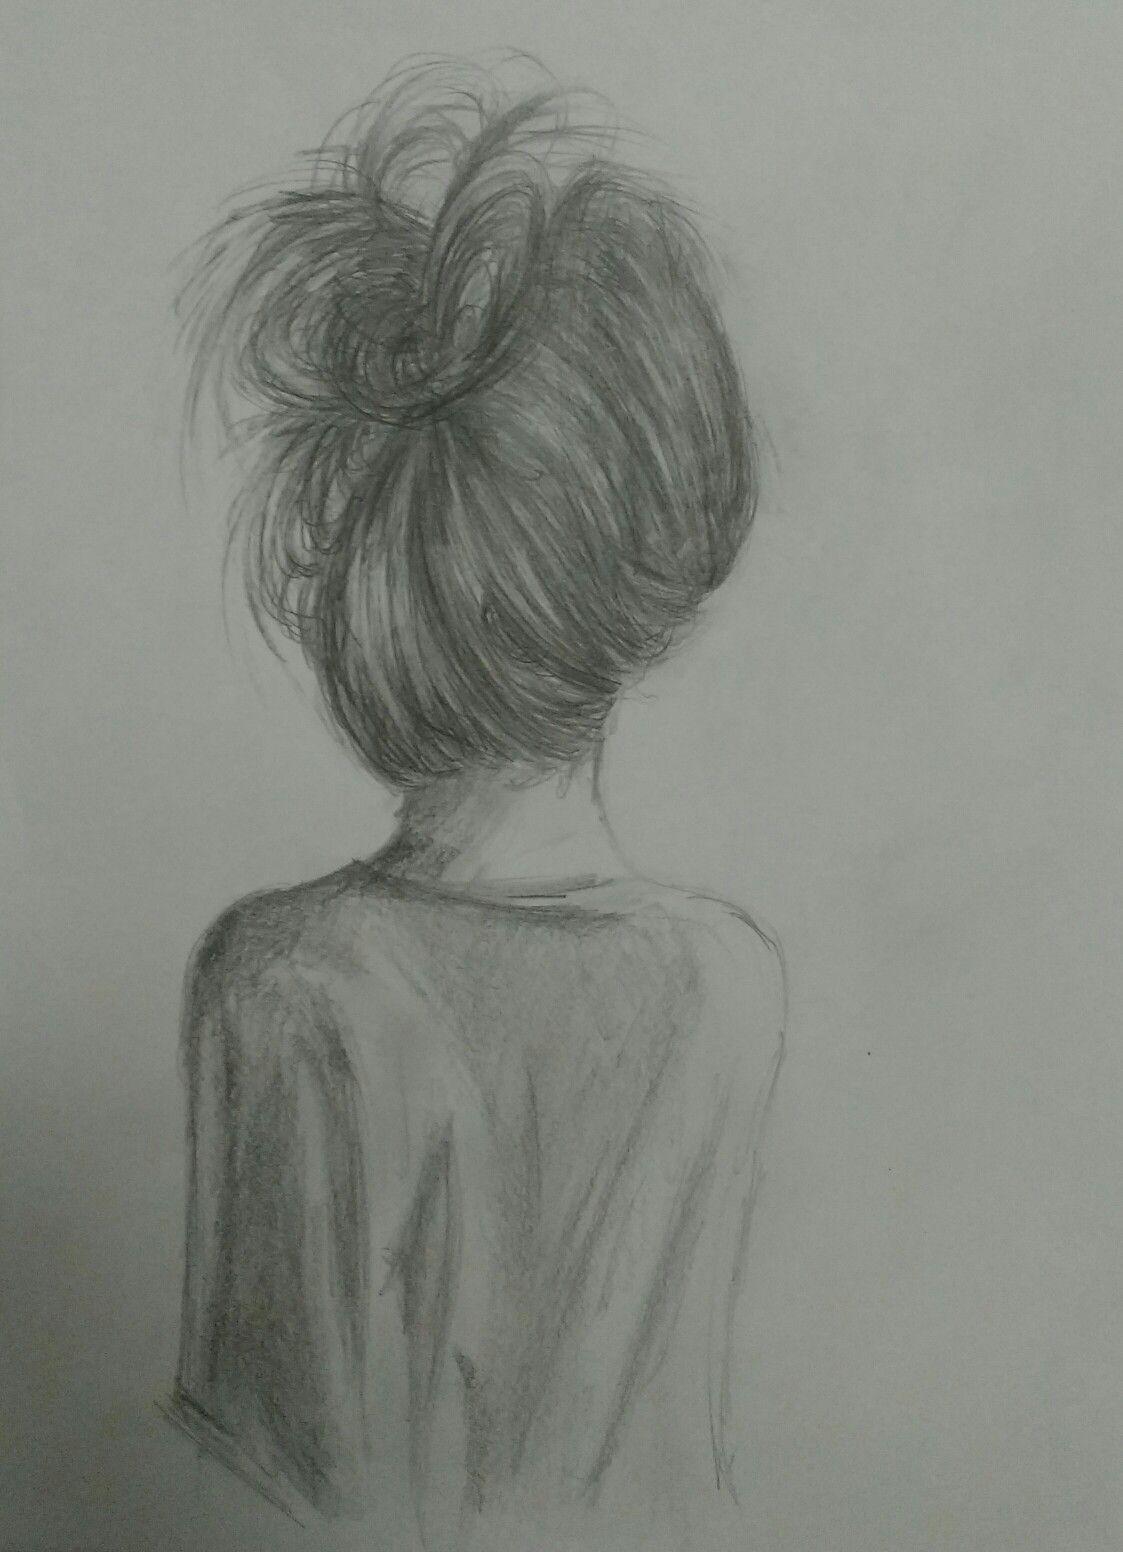 m dchen mit einem unordentlichen dutt bleistift zeichnung zeichnungen pinterest doodle. Black Bedroom Furniture Sets. Home Design Ideas